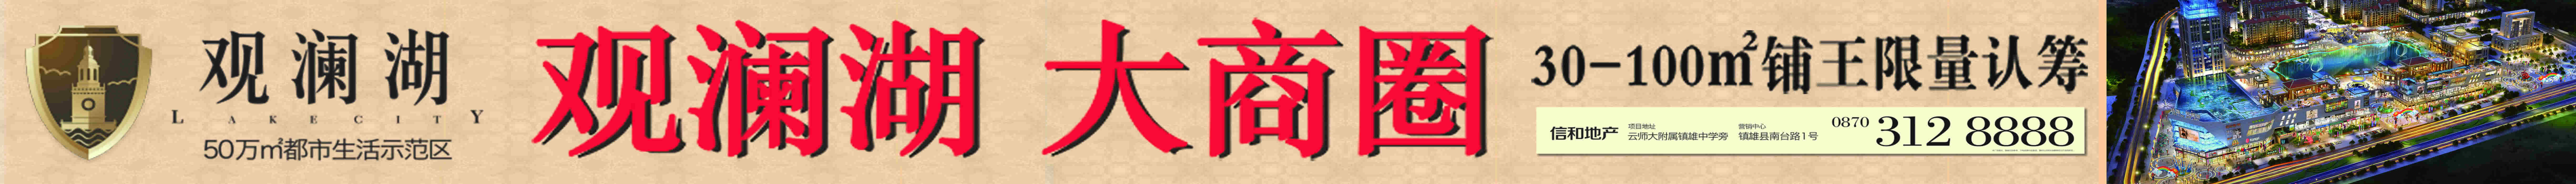 昭通市信和房地产开发有限责任公司镇雄分公司